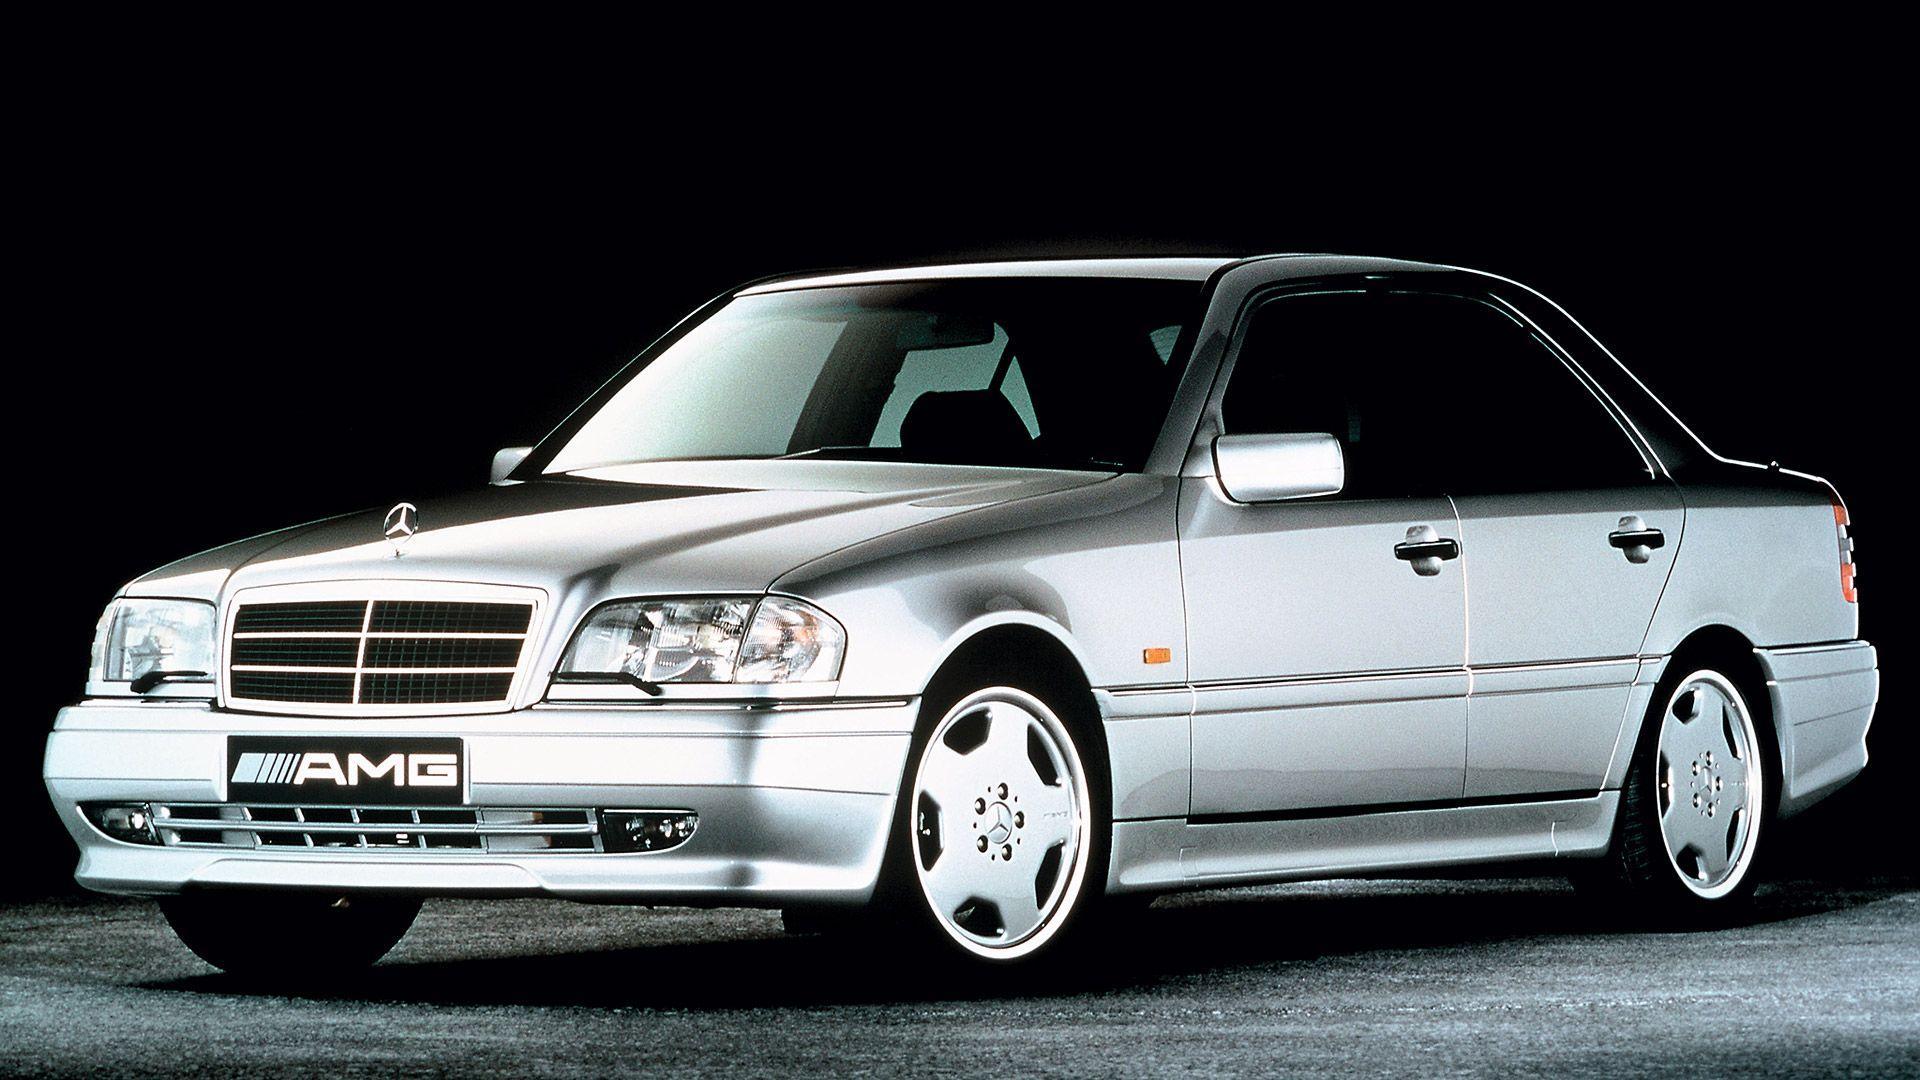 Get Mercedes Benz W202 Wallpaper  Background